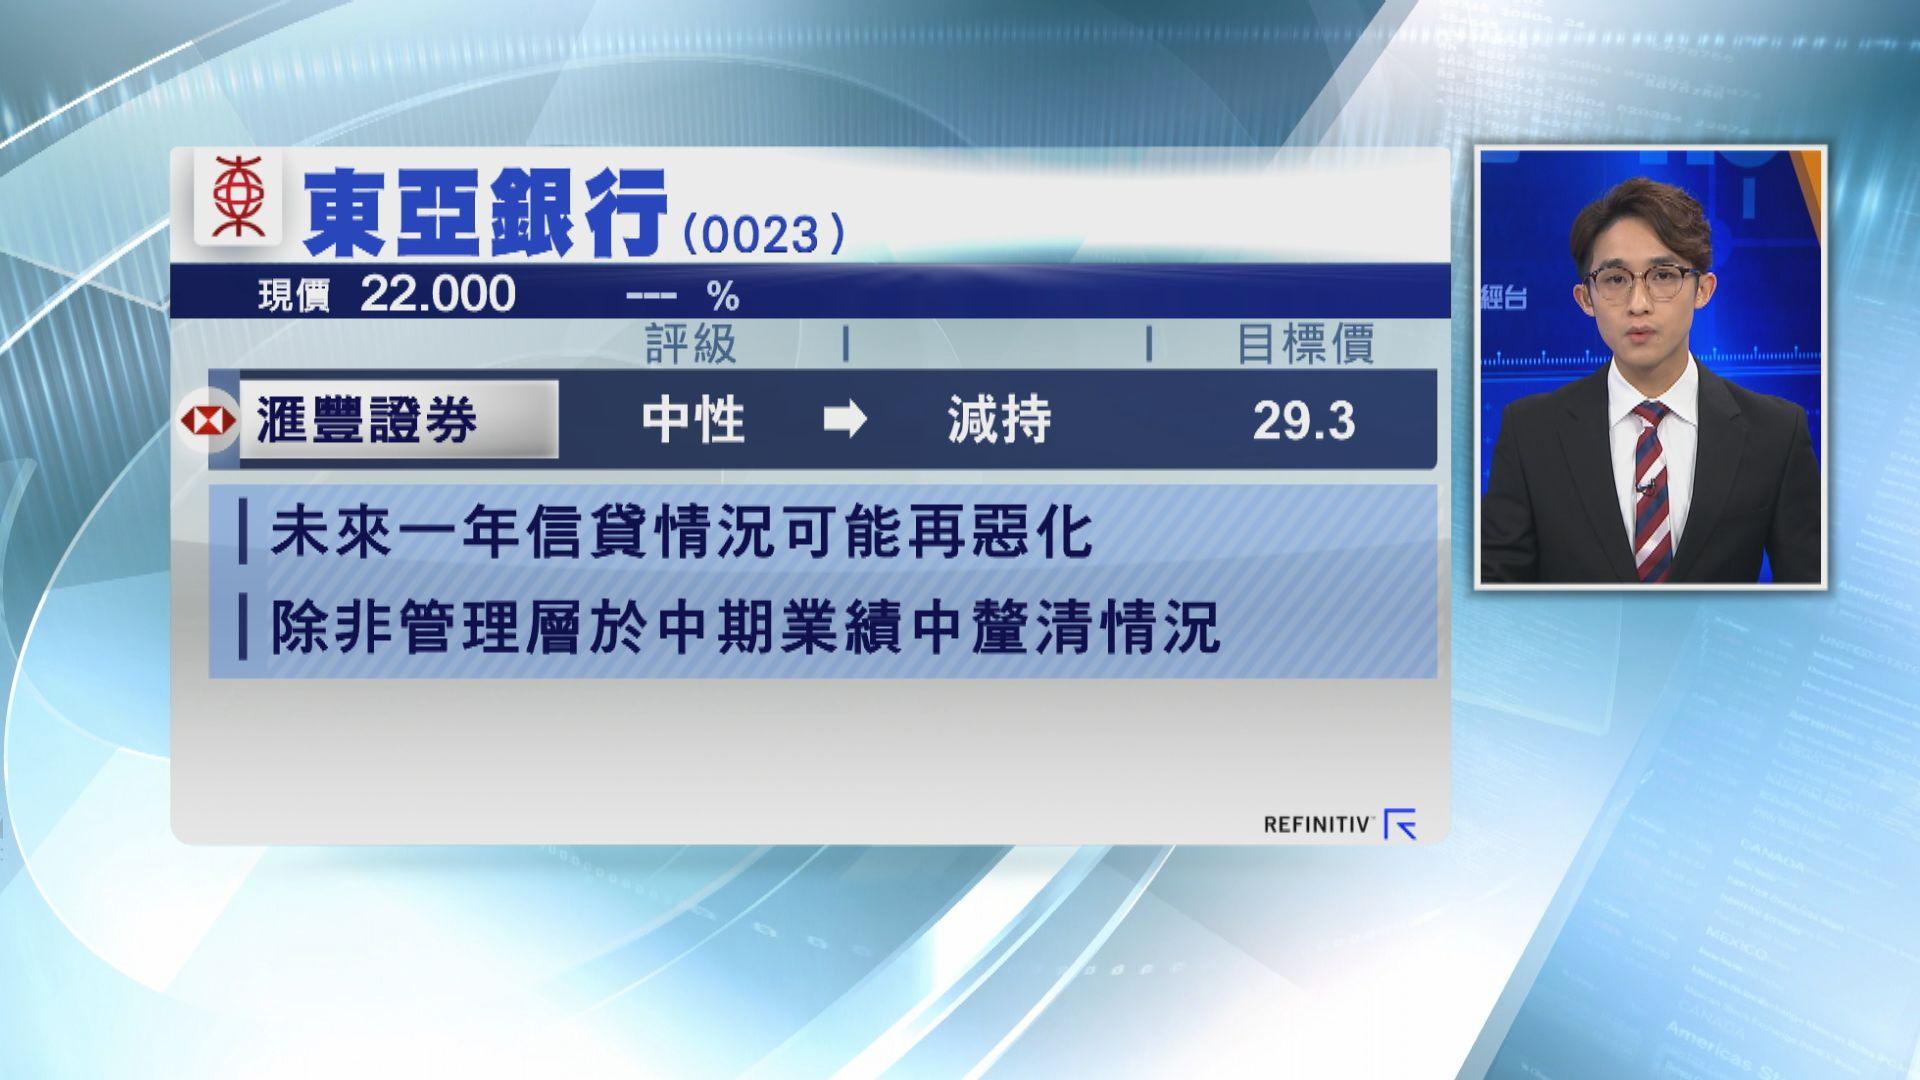 【大行報告】滙證:東亞信貸情況或持續惡化